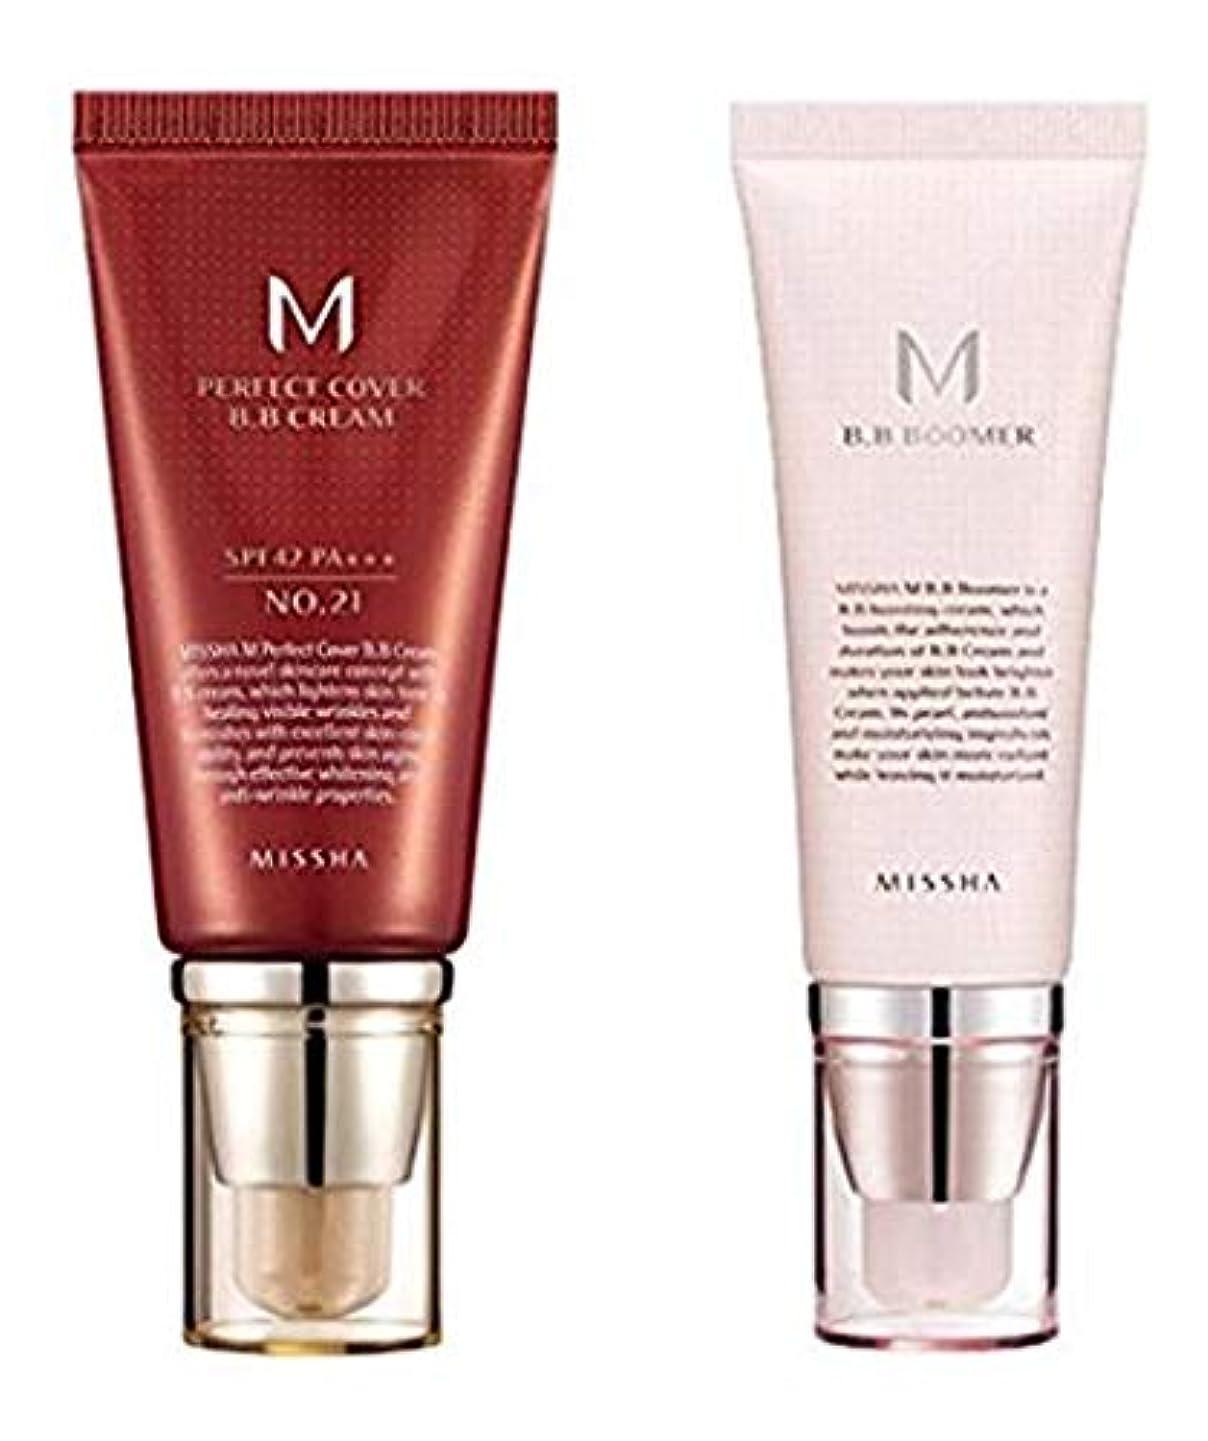 延期するアルファベット順柔らかさMISSHA M Perfect Cover BB cream #21 + M BB Boomer / ミシャ M パーフェクトカバー BBクリーム 50ml + M BBブーマー40ml [並行輸入品]